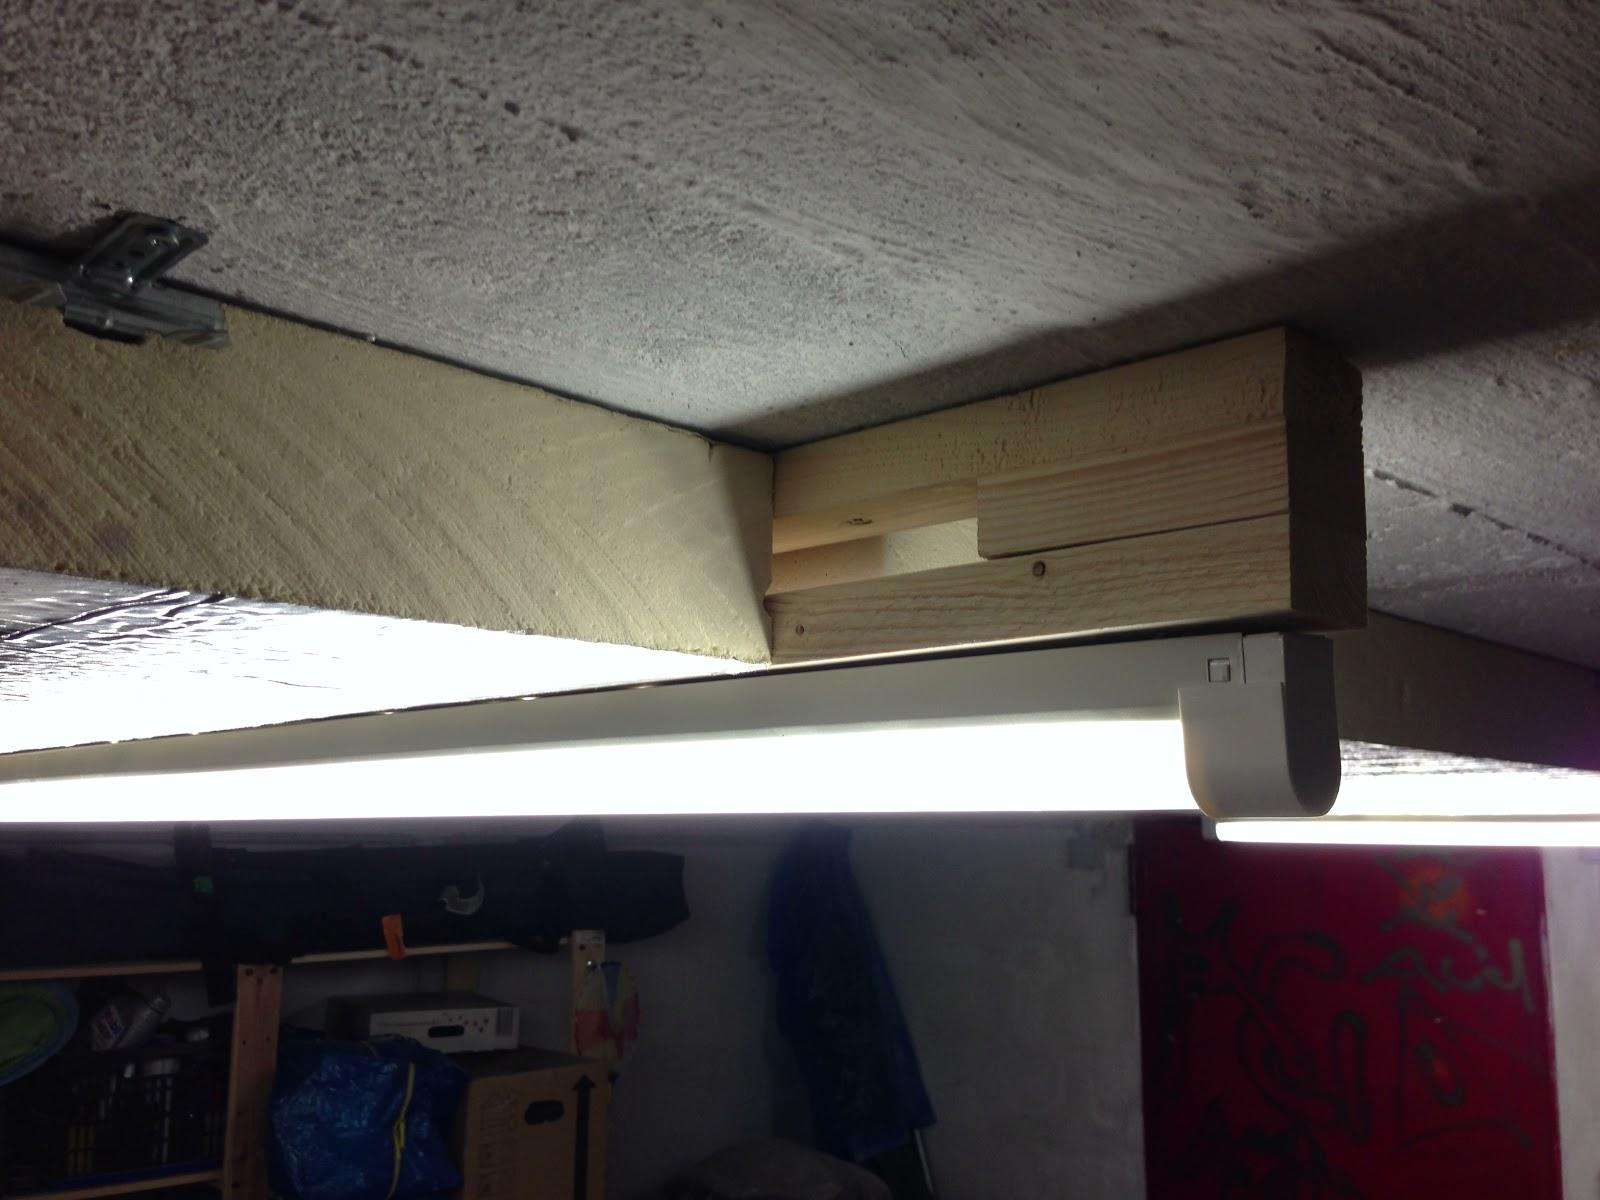 der edwards bau und renovierungsblog d mmung keller decke. Black Bedroom Furniture Sets. Home Design Ideas